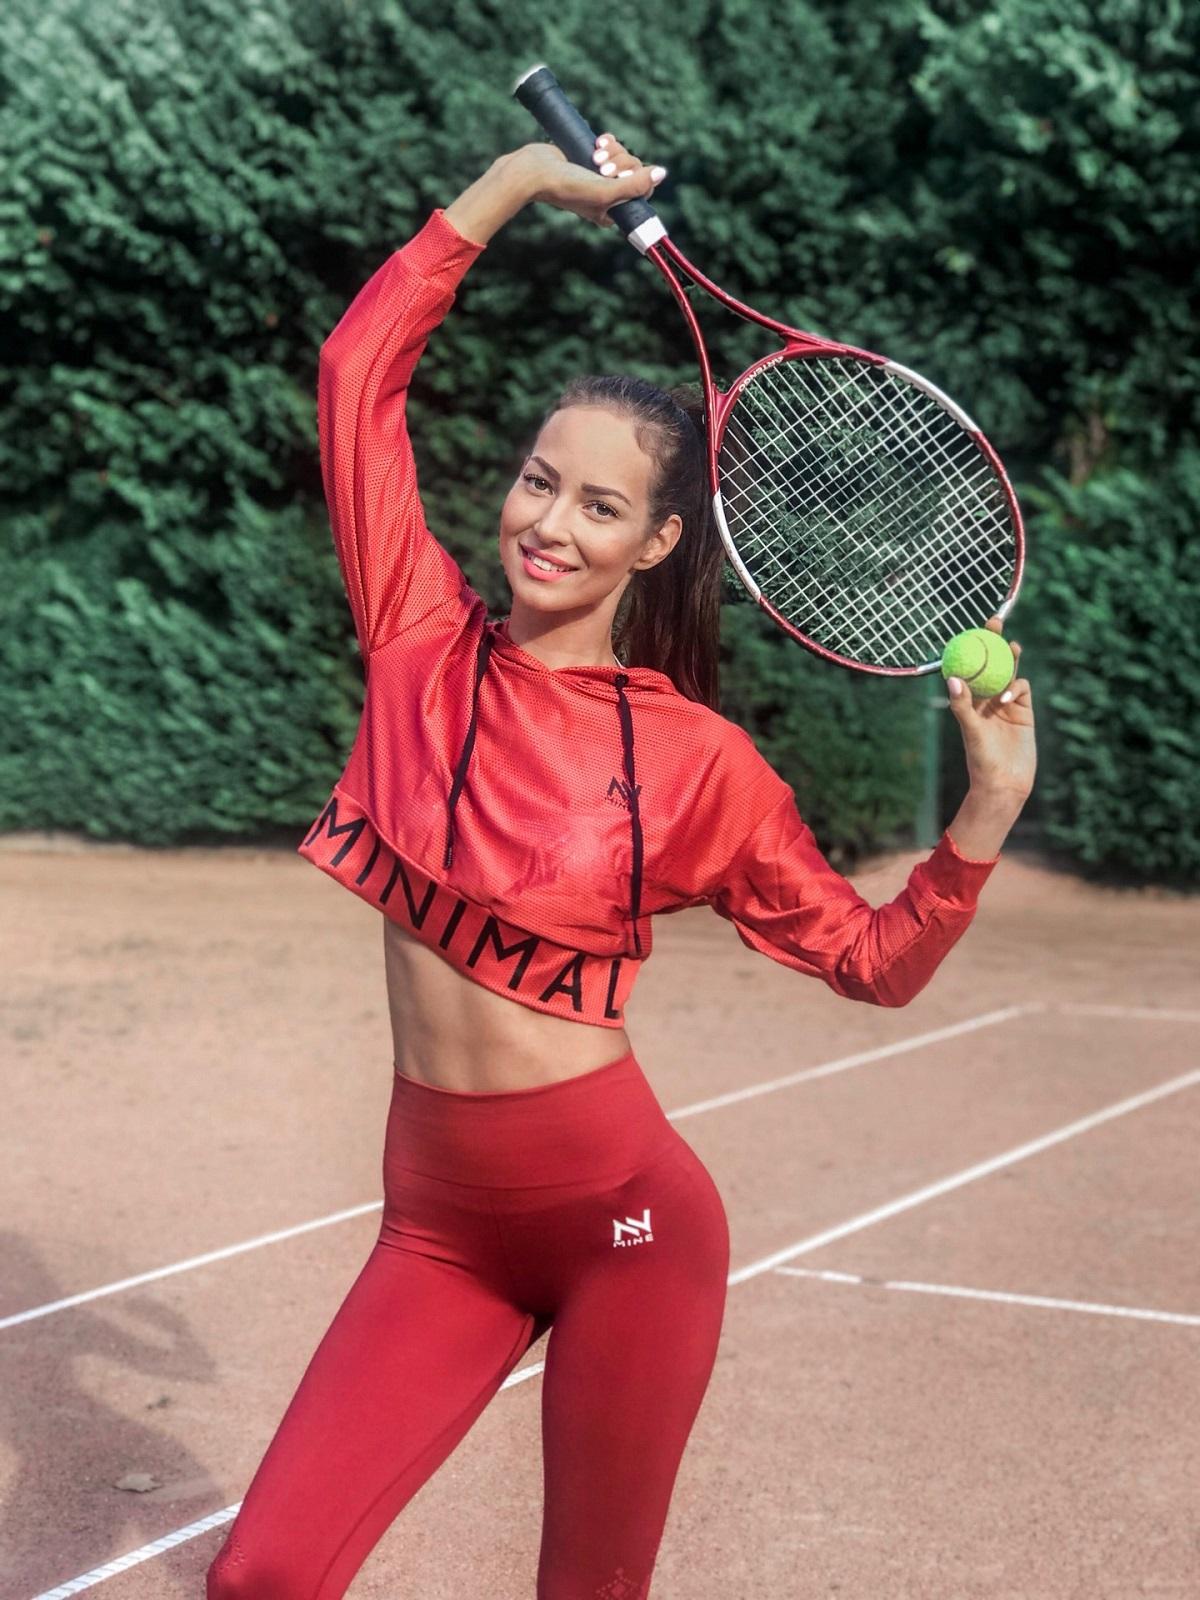 rövidlátás és tenisz)